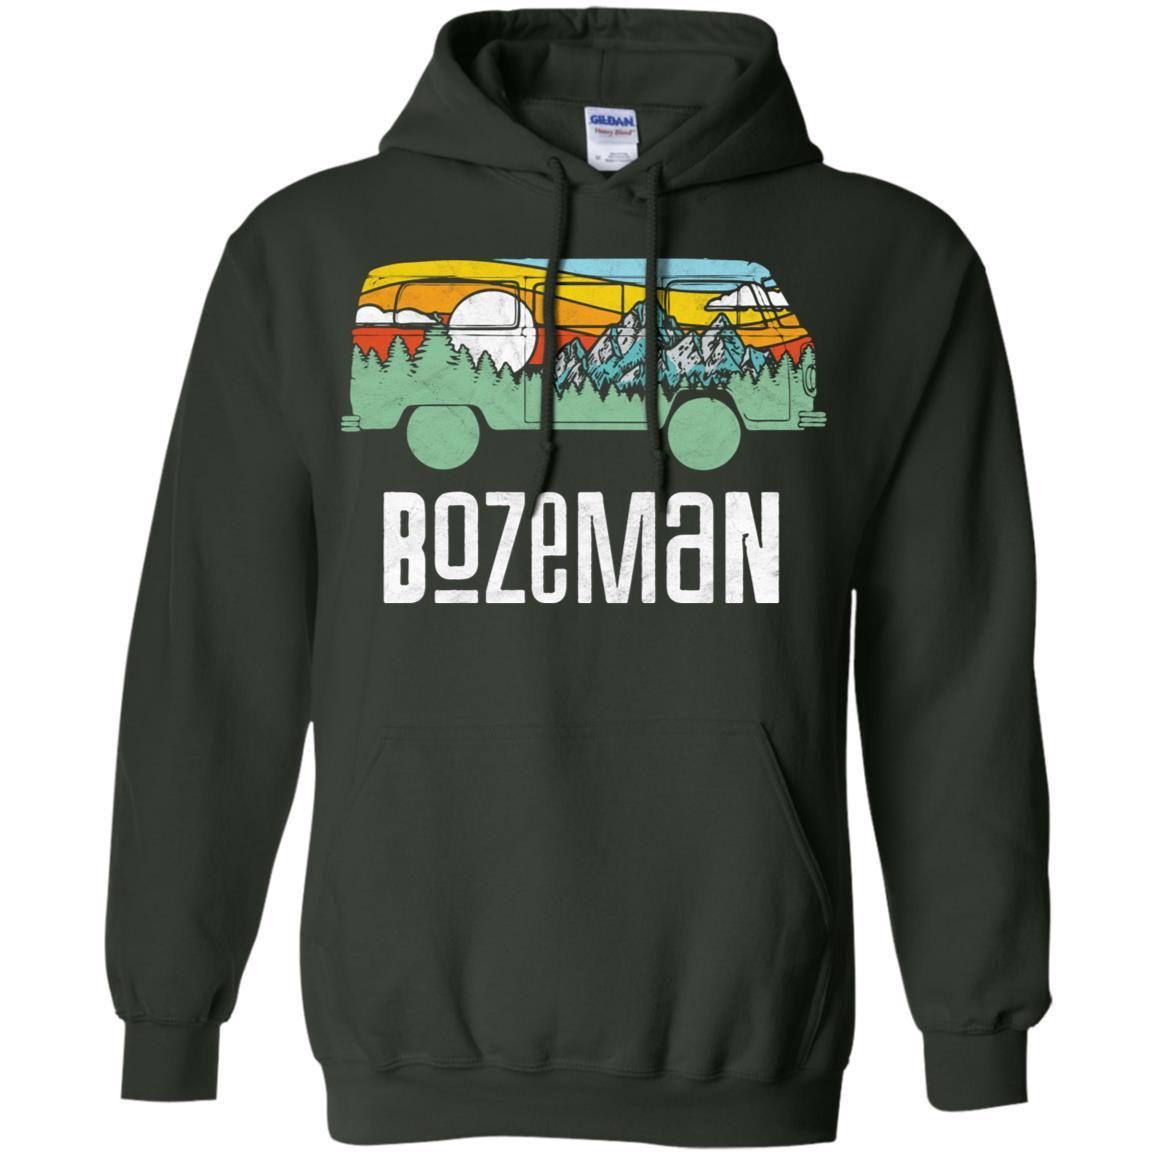 Retro Bozeman Montana Outdoor Hippie Van Tee Pullover Hoodie